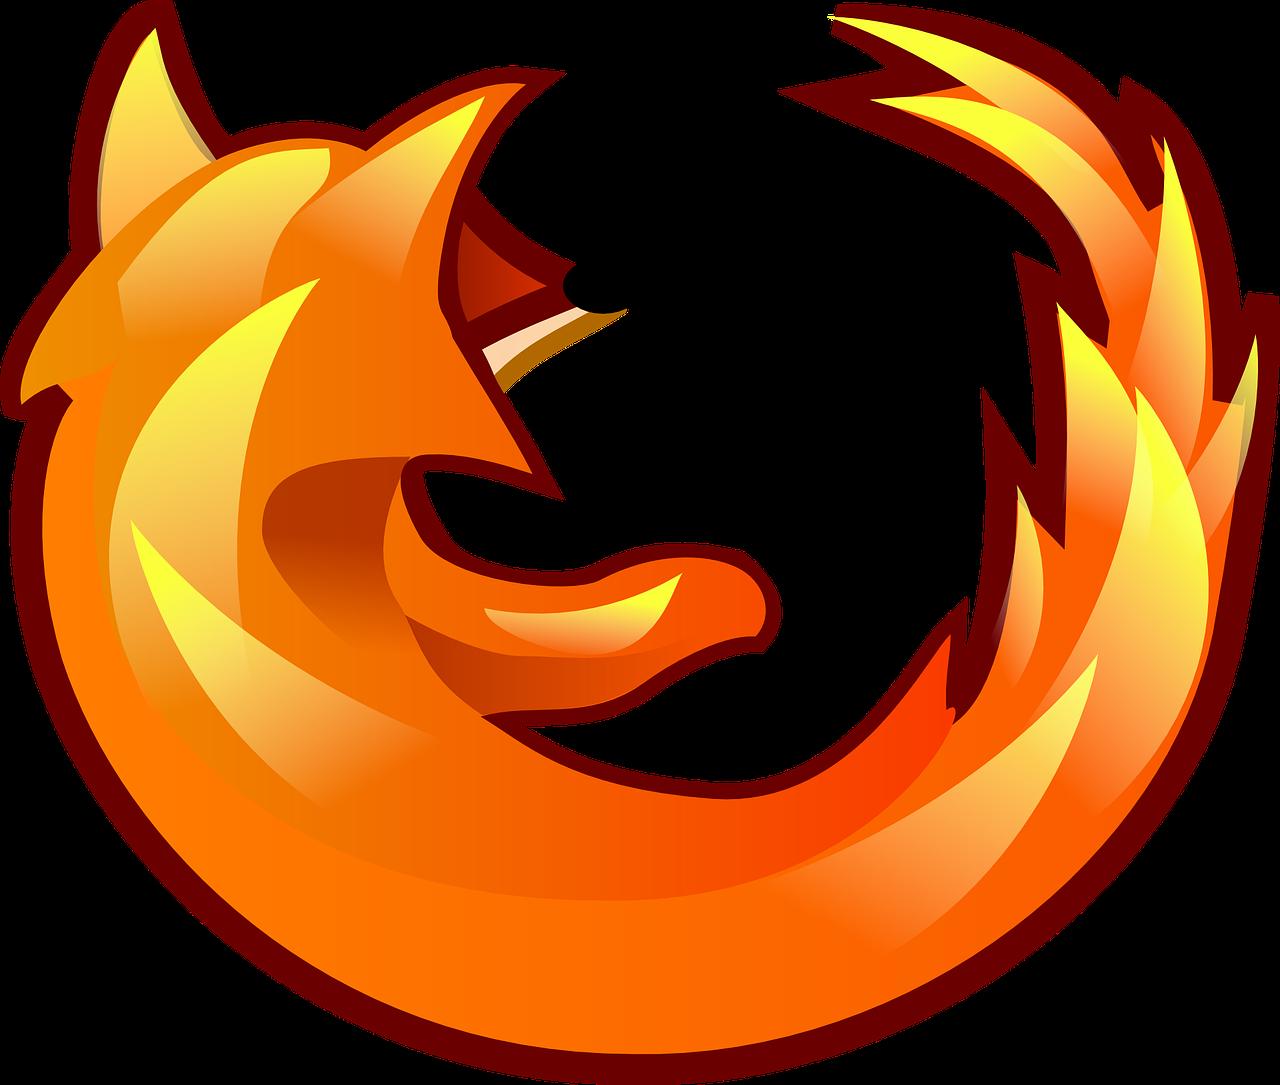 Mozilla publie la version 73.0.1 du navigateur Firefox